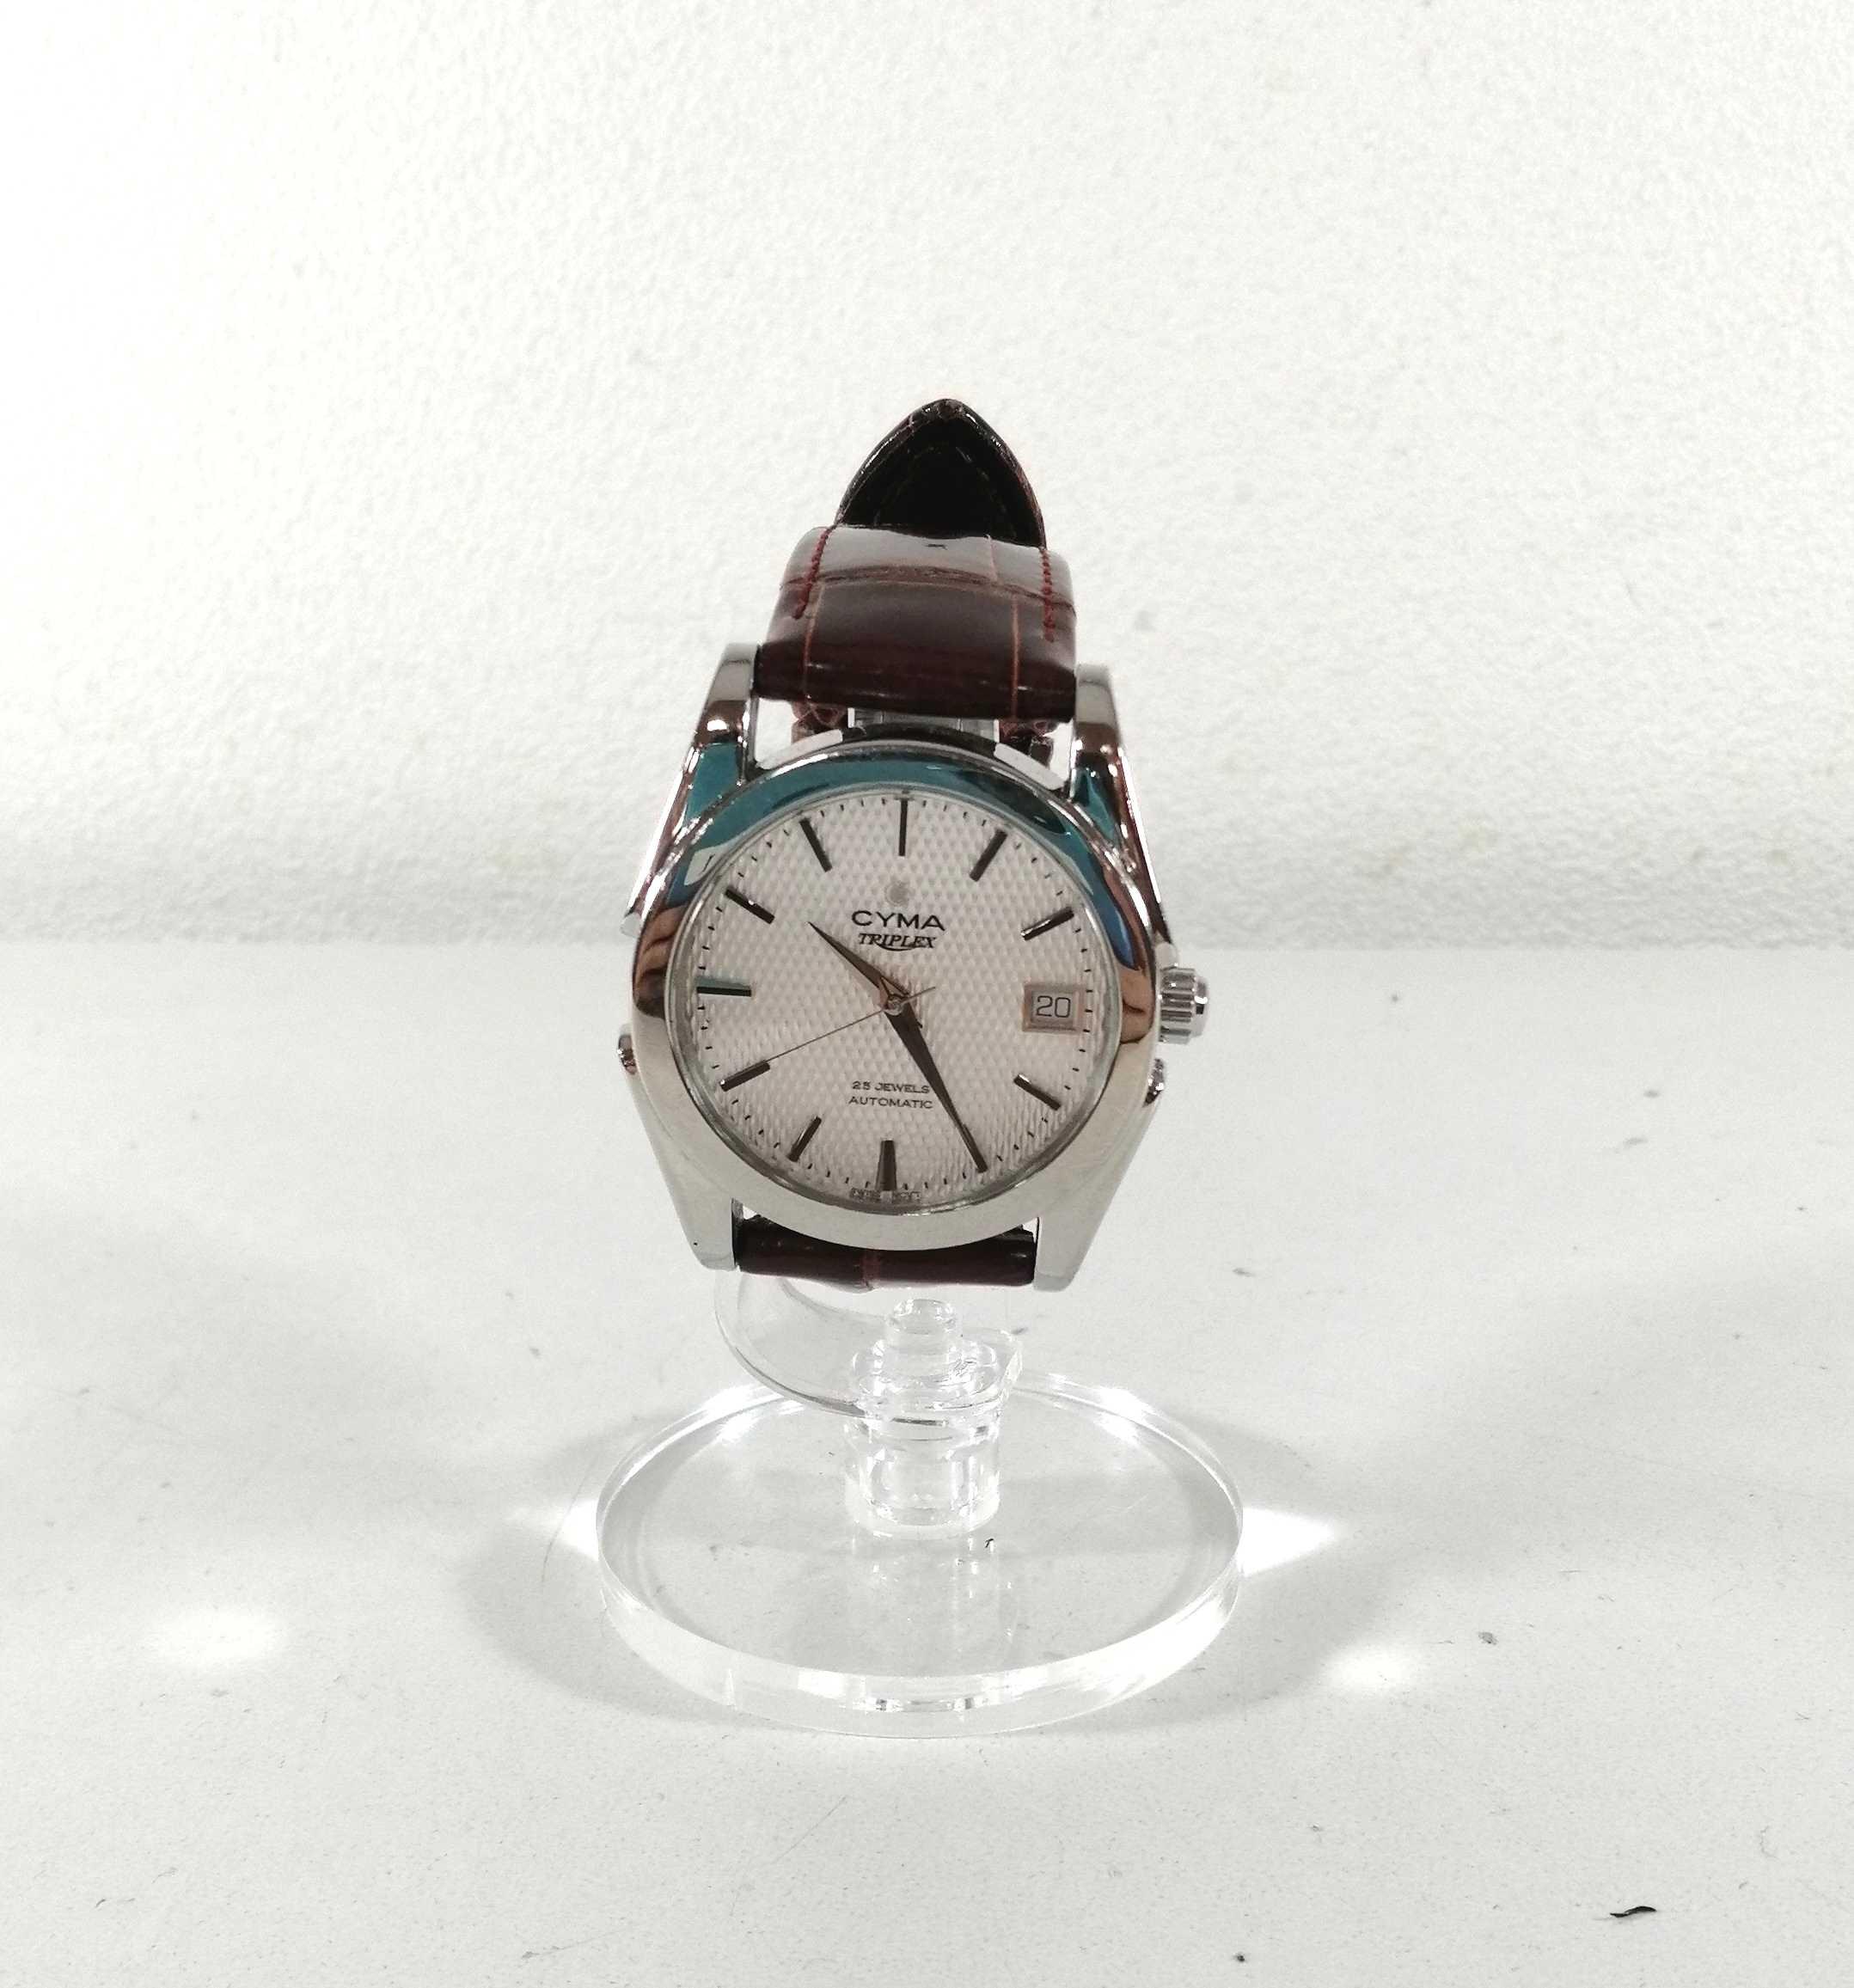 ラウンドオートマチック腕時計 シーマ|CYMA